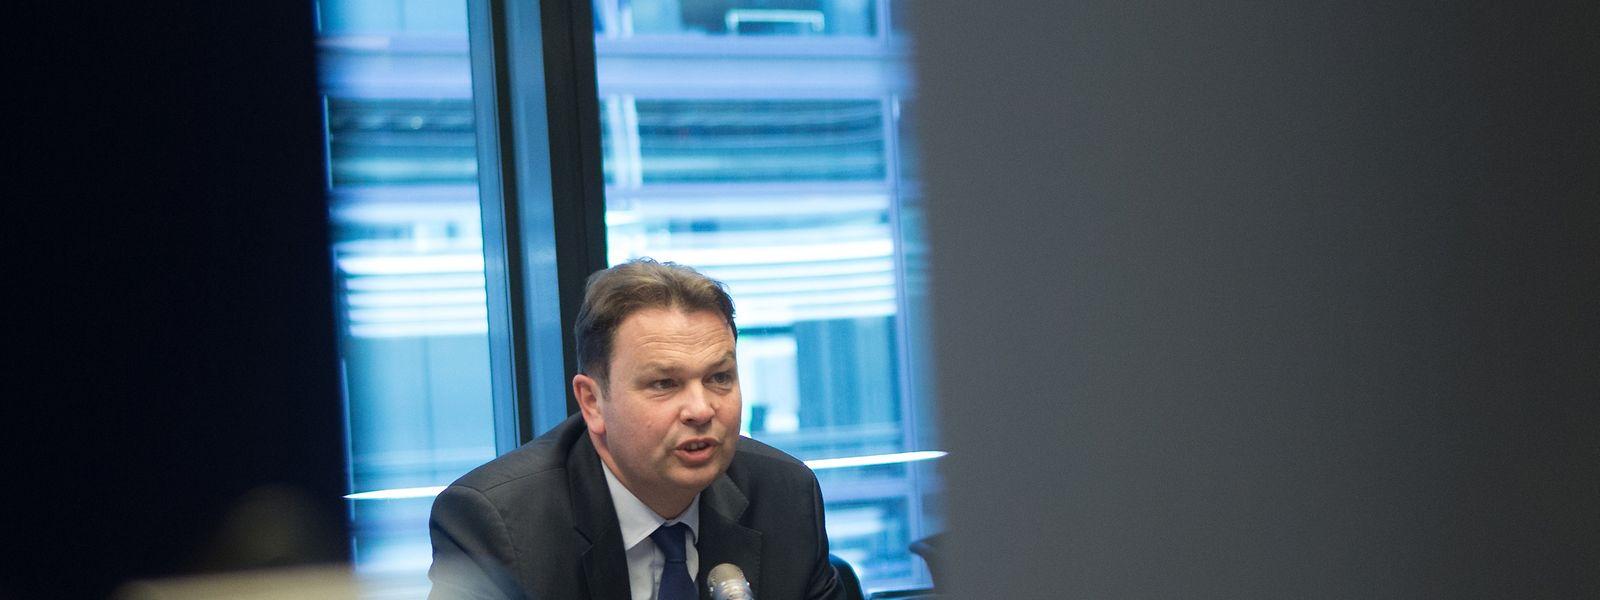 Fedil-Direktor René Winkin hält Umschulung und Weiterbildung künftig für unabdinglich.